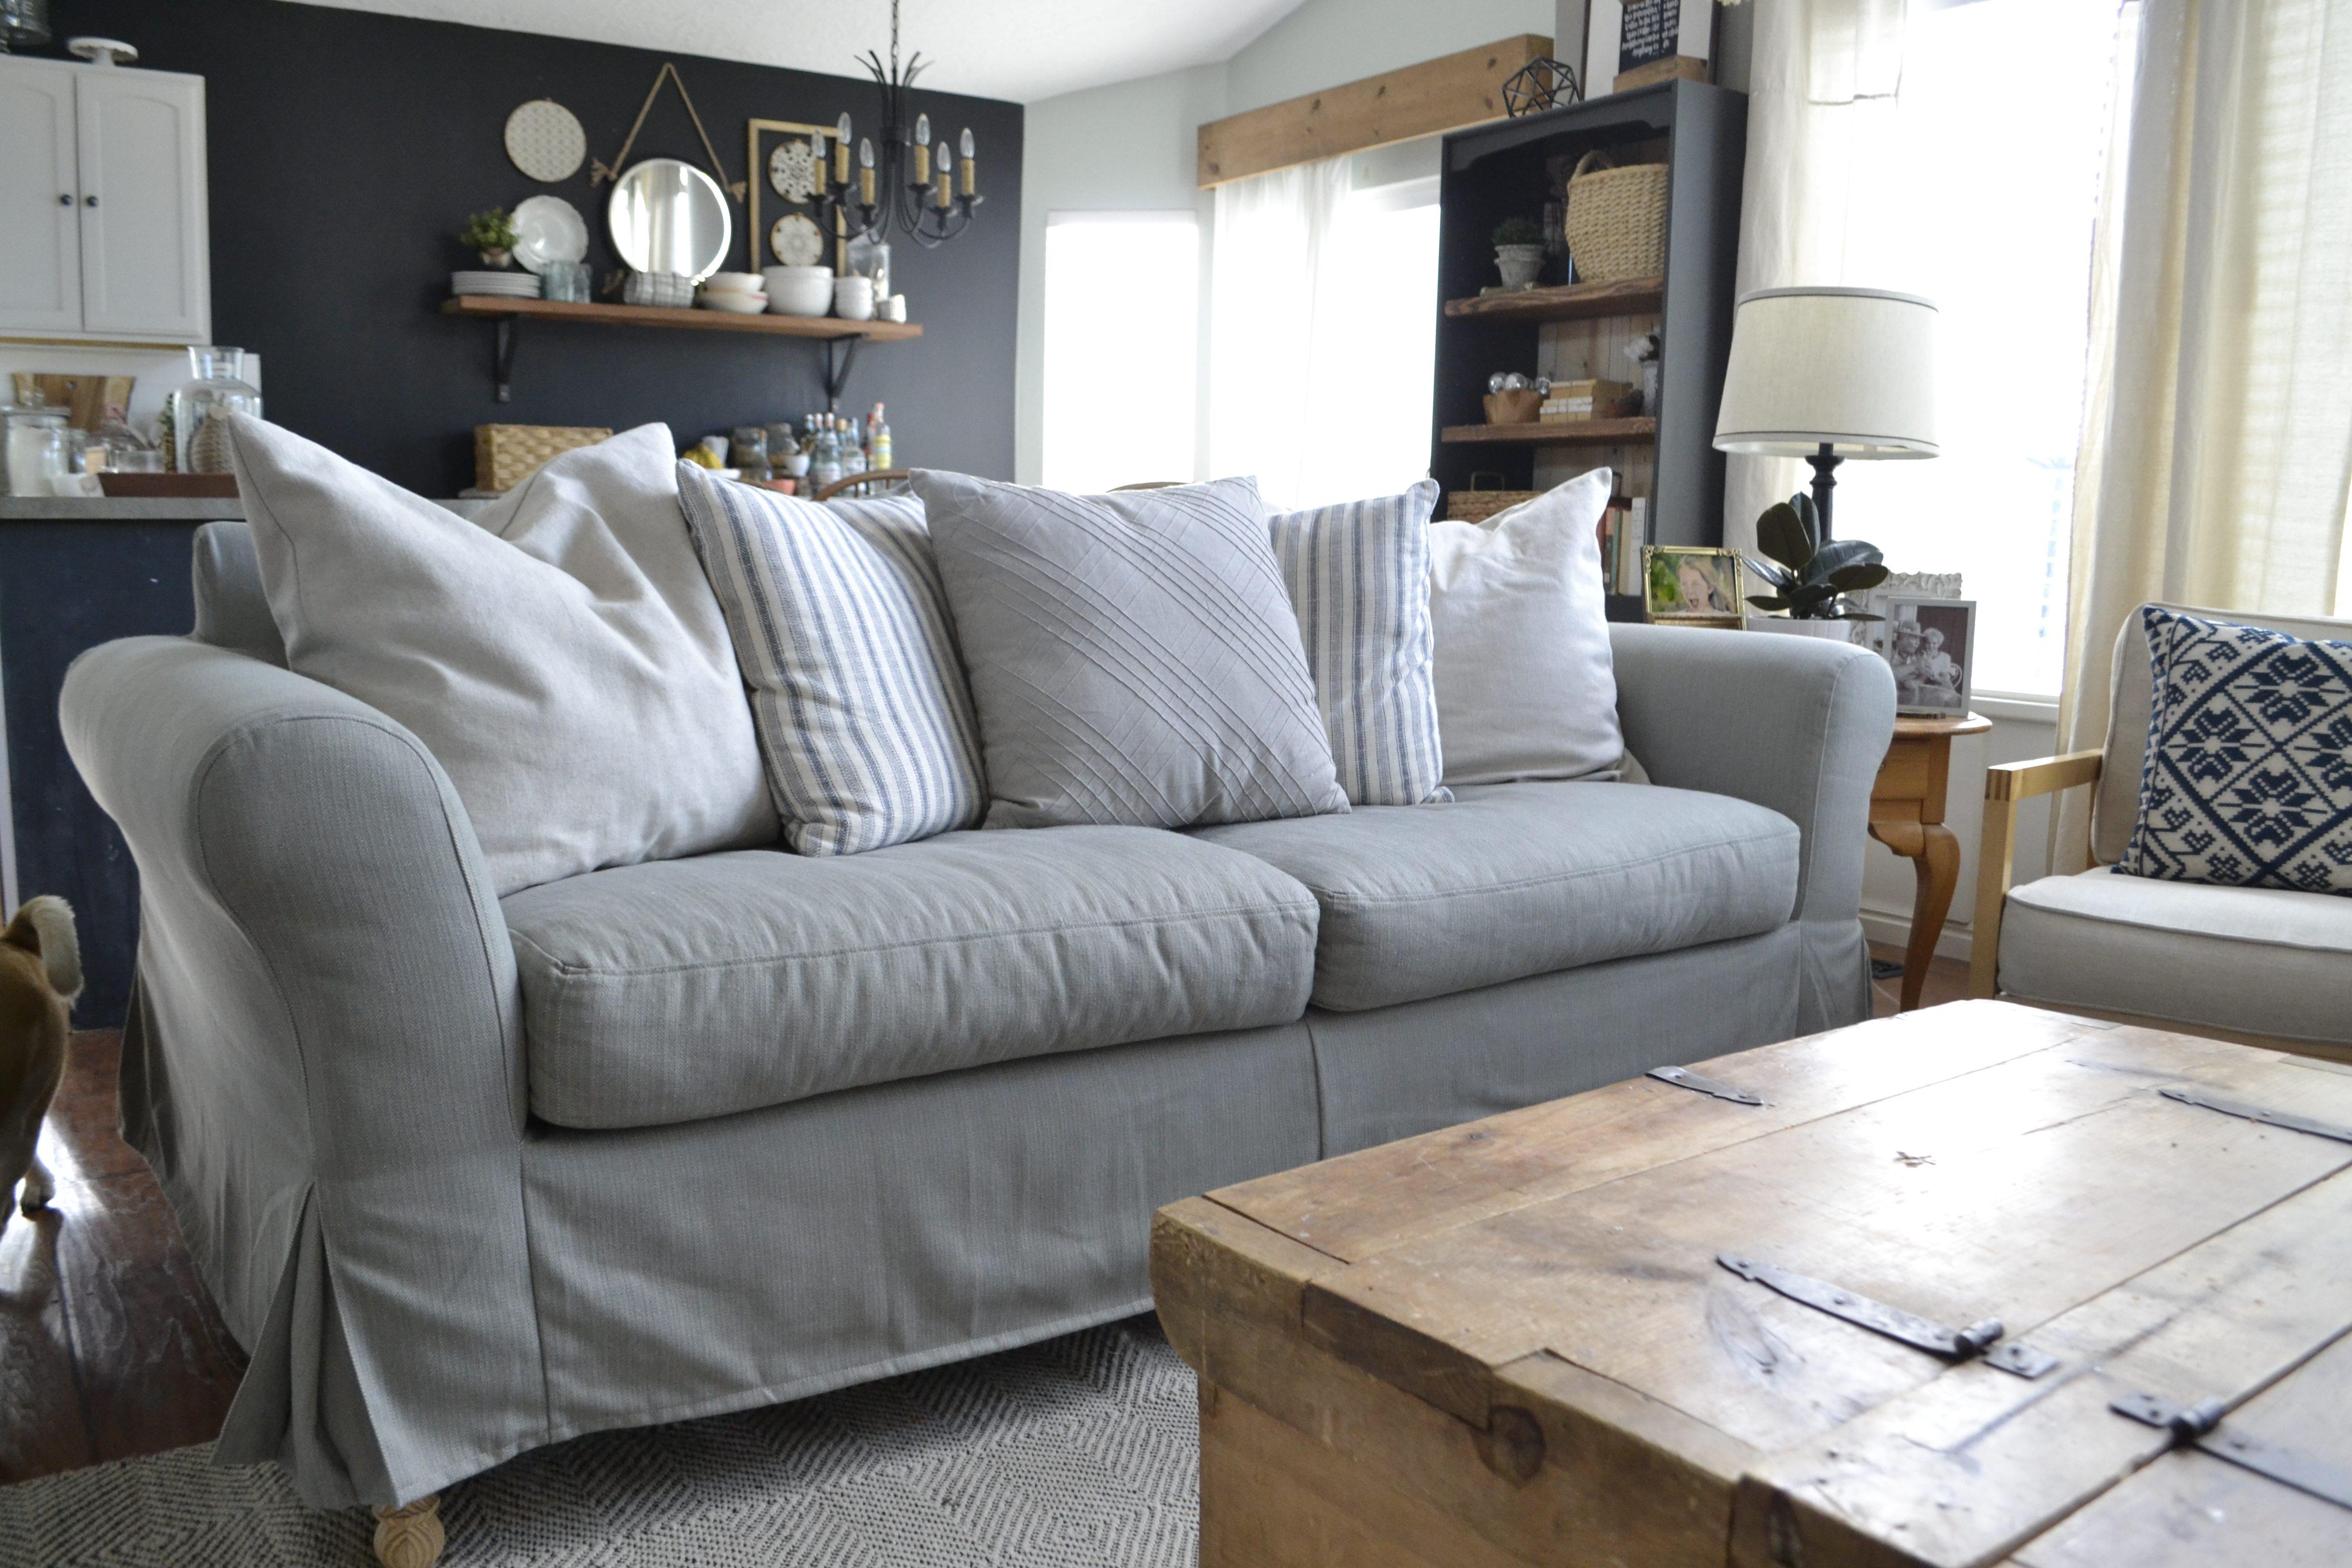 私のソファにオーダーカバーを作れますか?